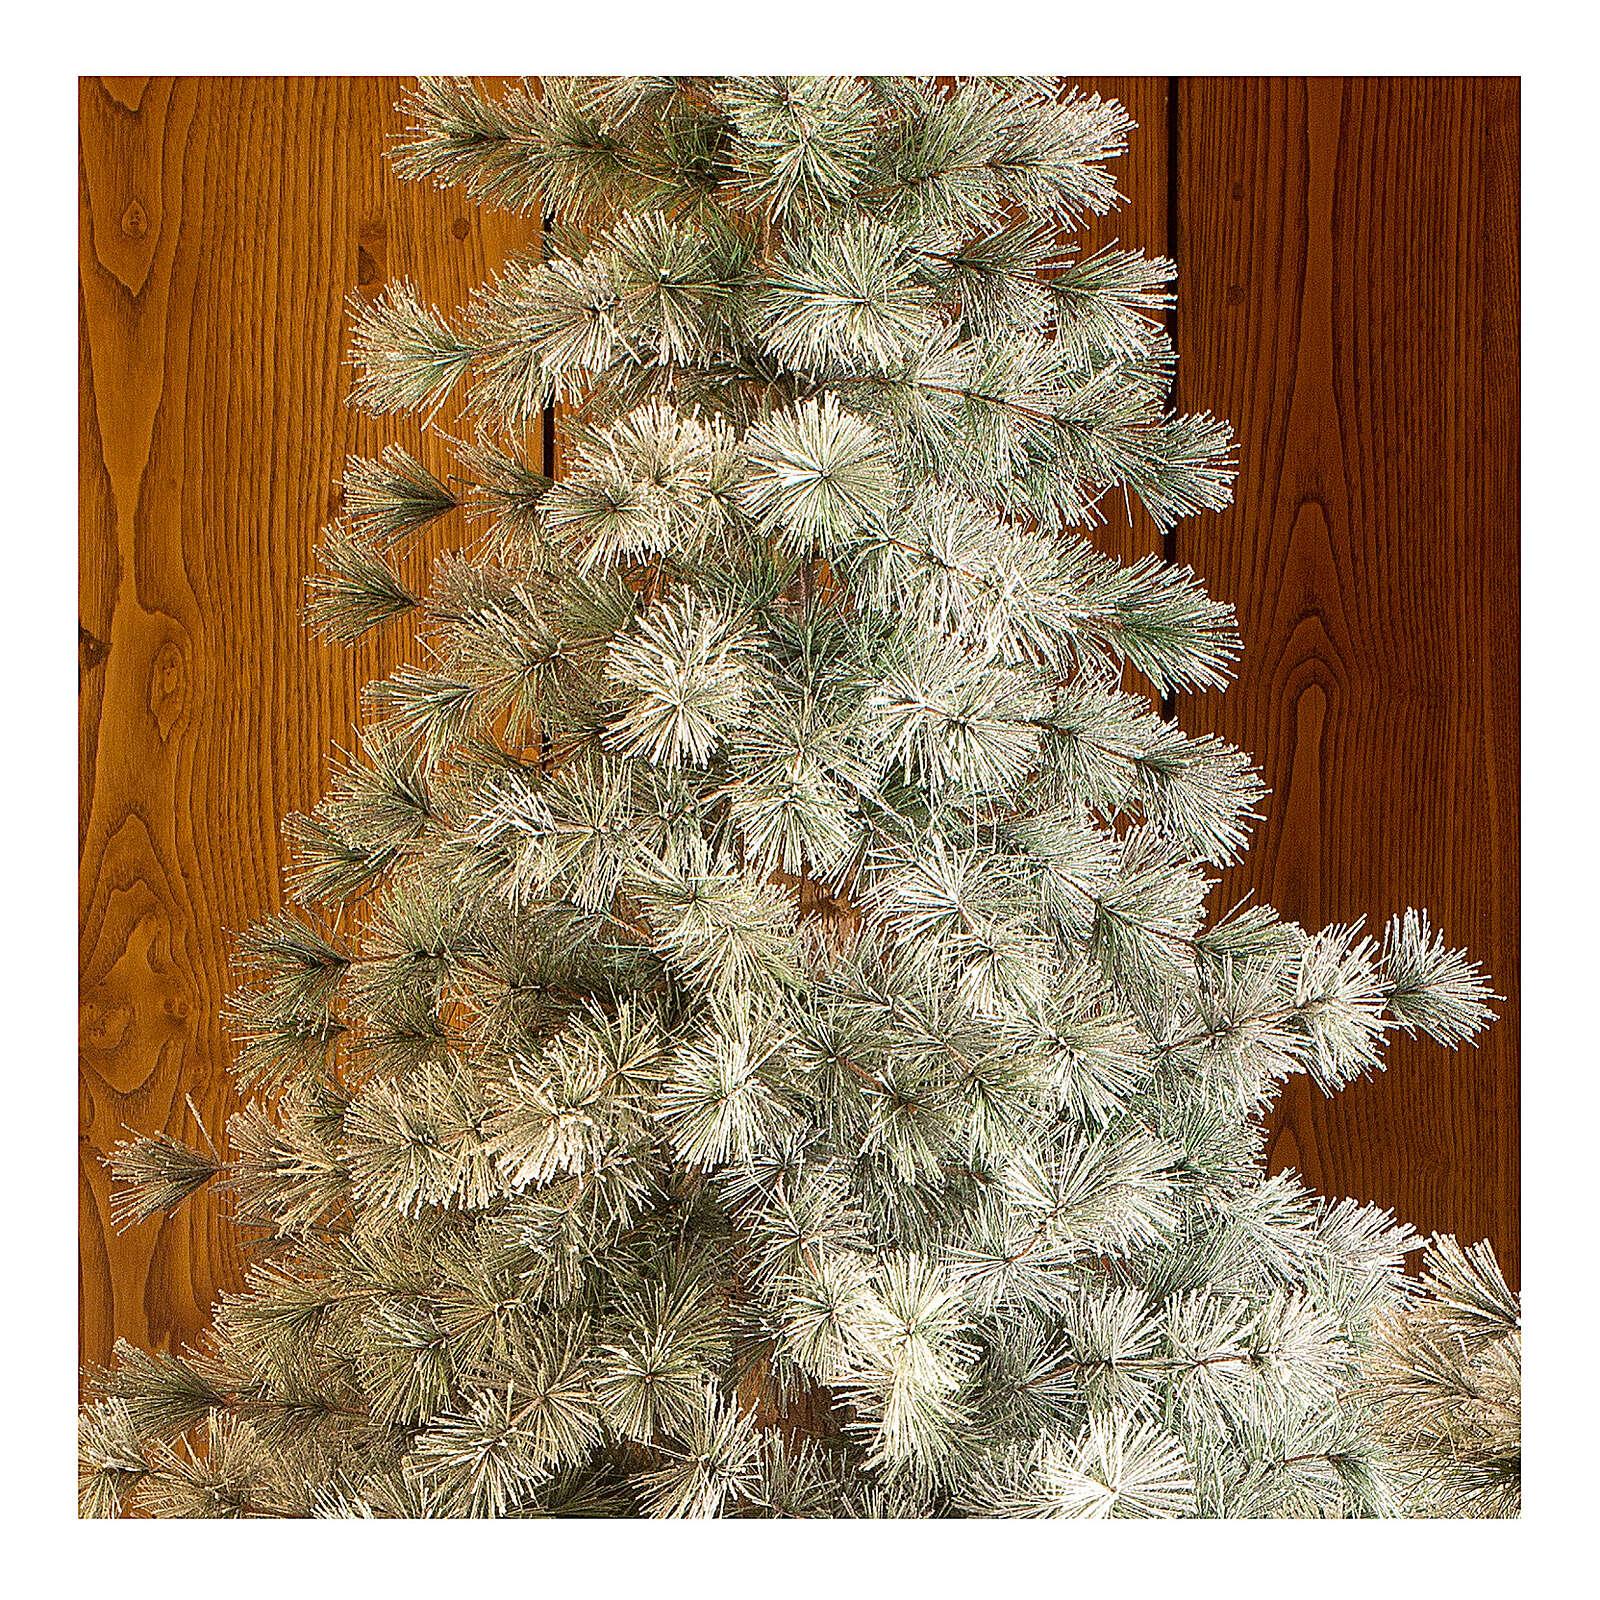 STOCK Albero di Natale 210 cm Aspen Pine floccato 3